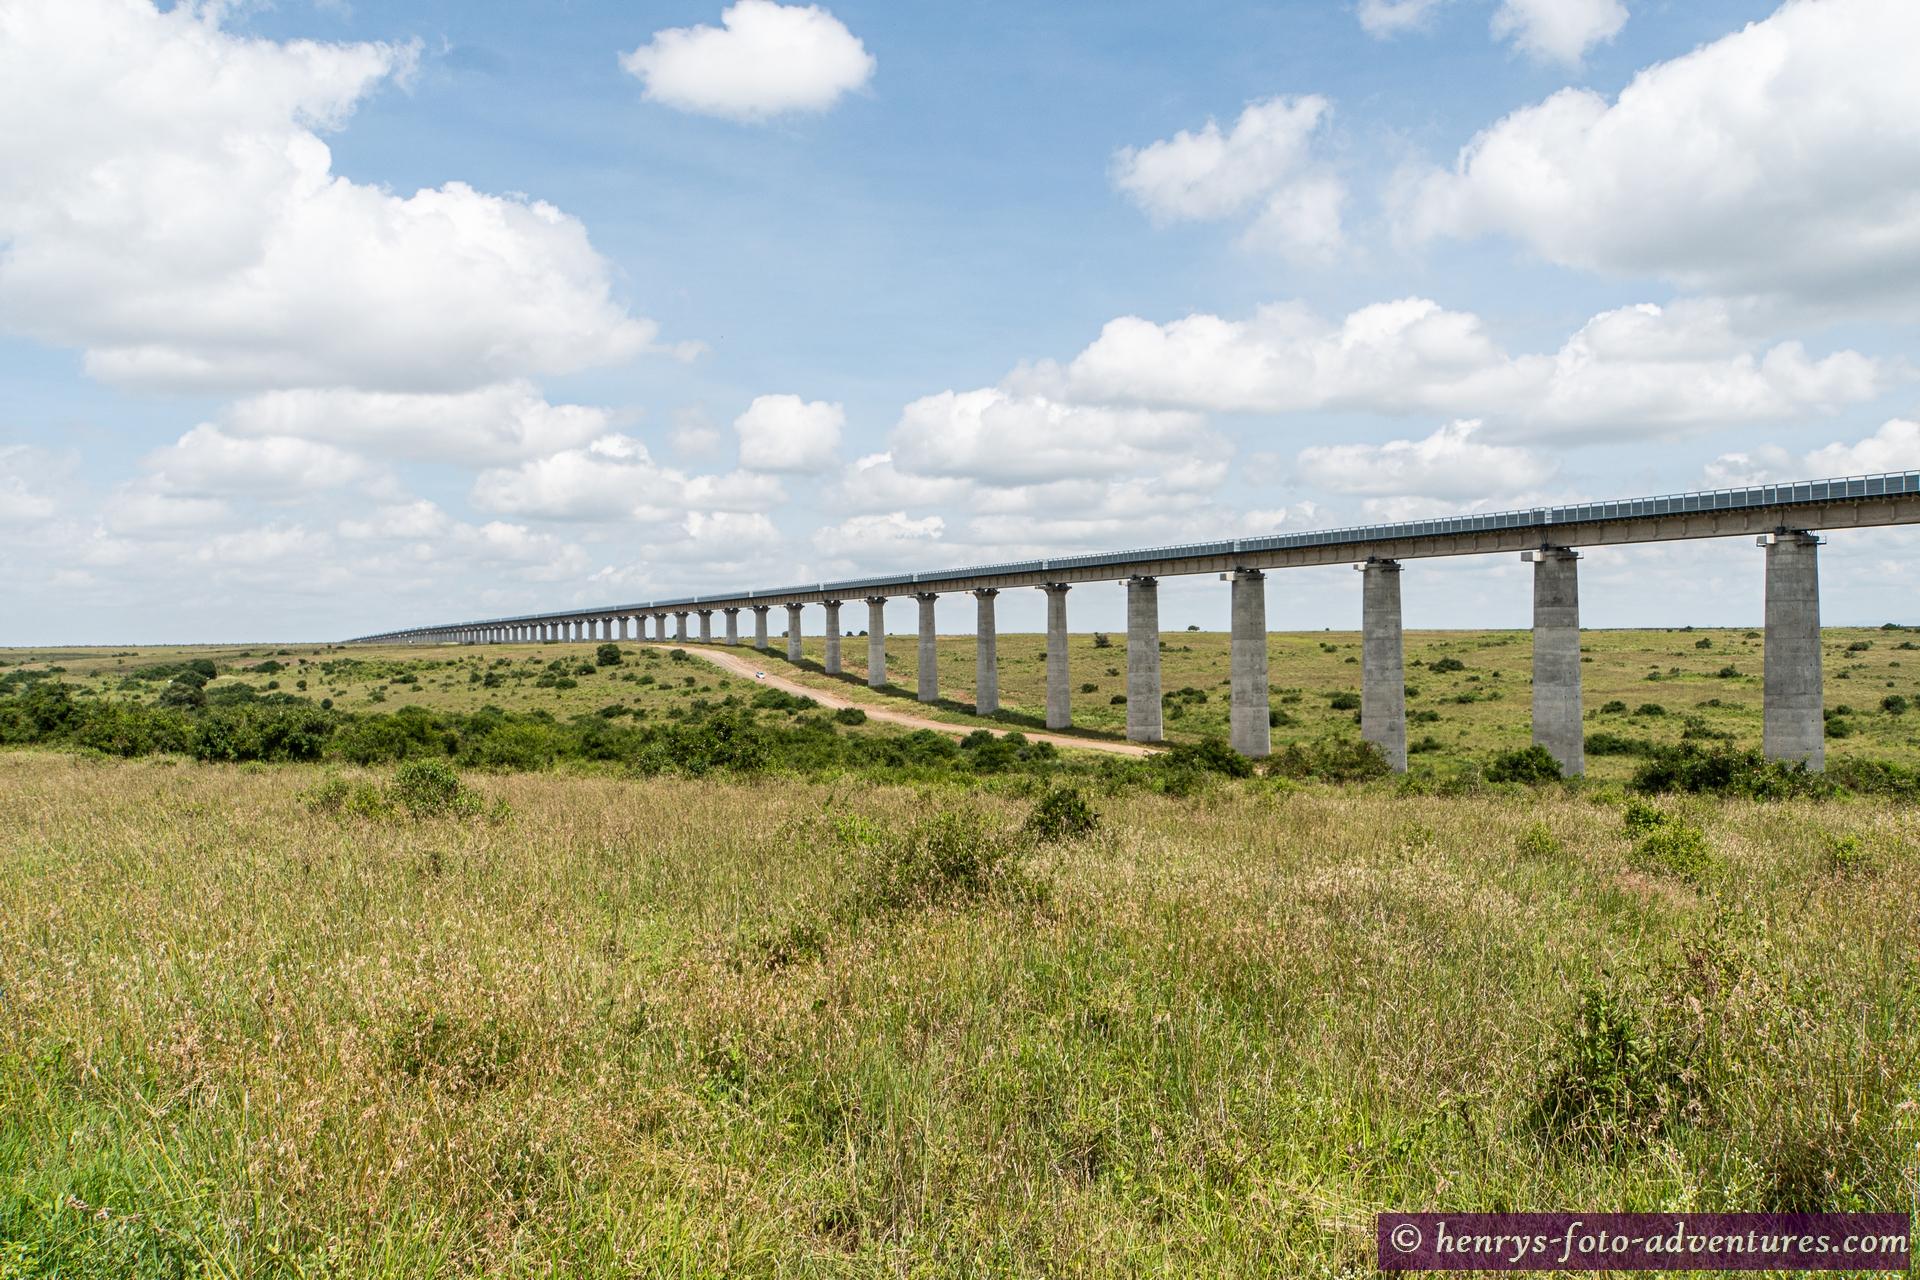 die von den Chinesen erbaute Eisenbahnstrecke nach Uganda